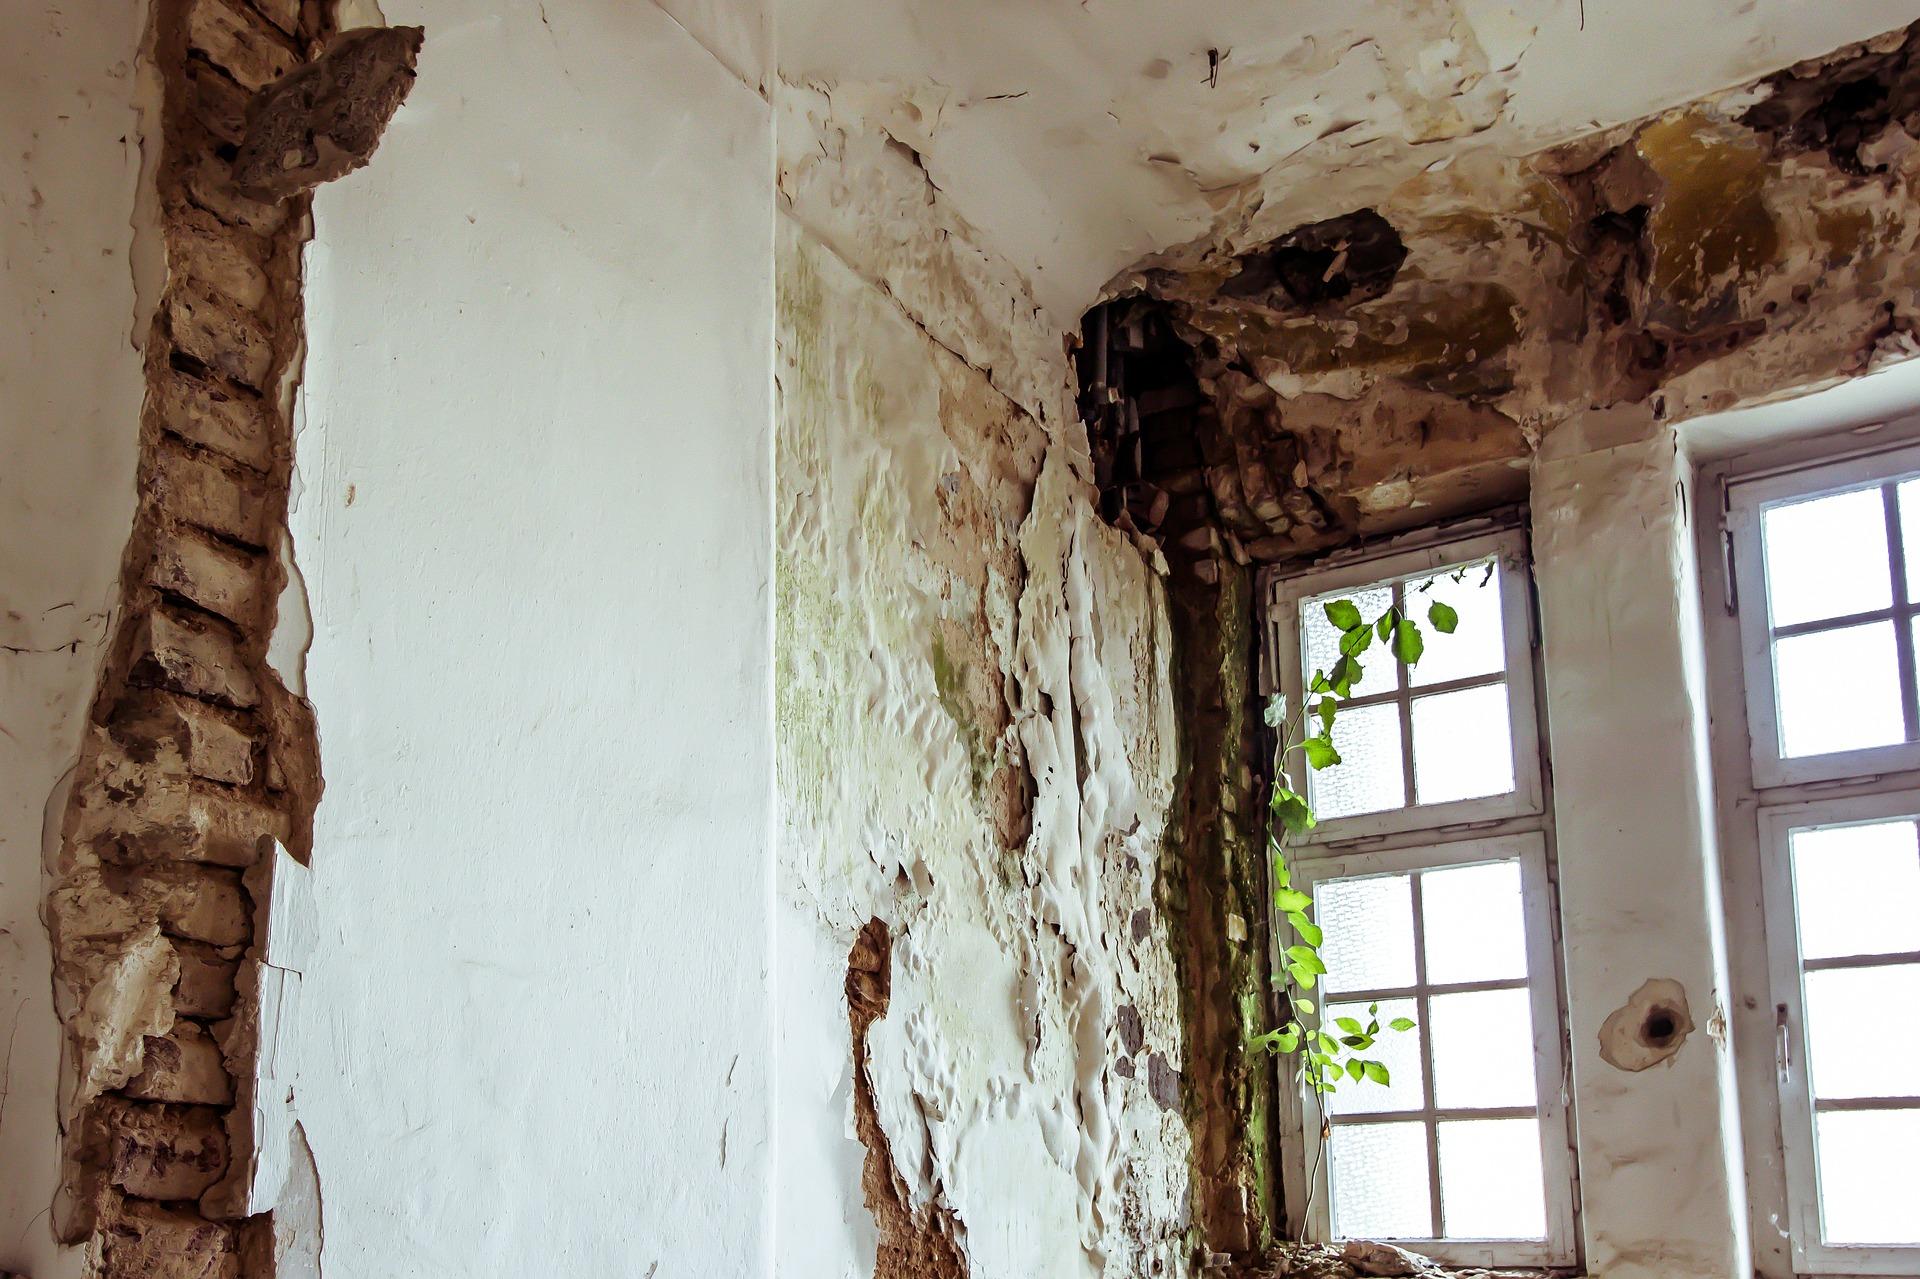 Mauerwerksanierung - So bekämpfen Sie feuchte Wände - Termin Bau Halle